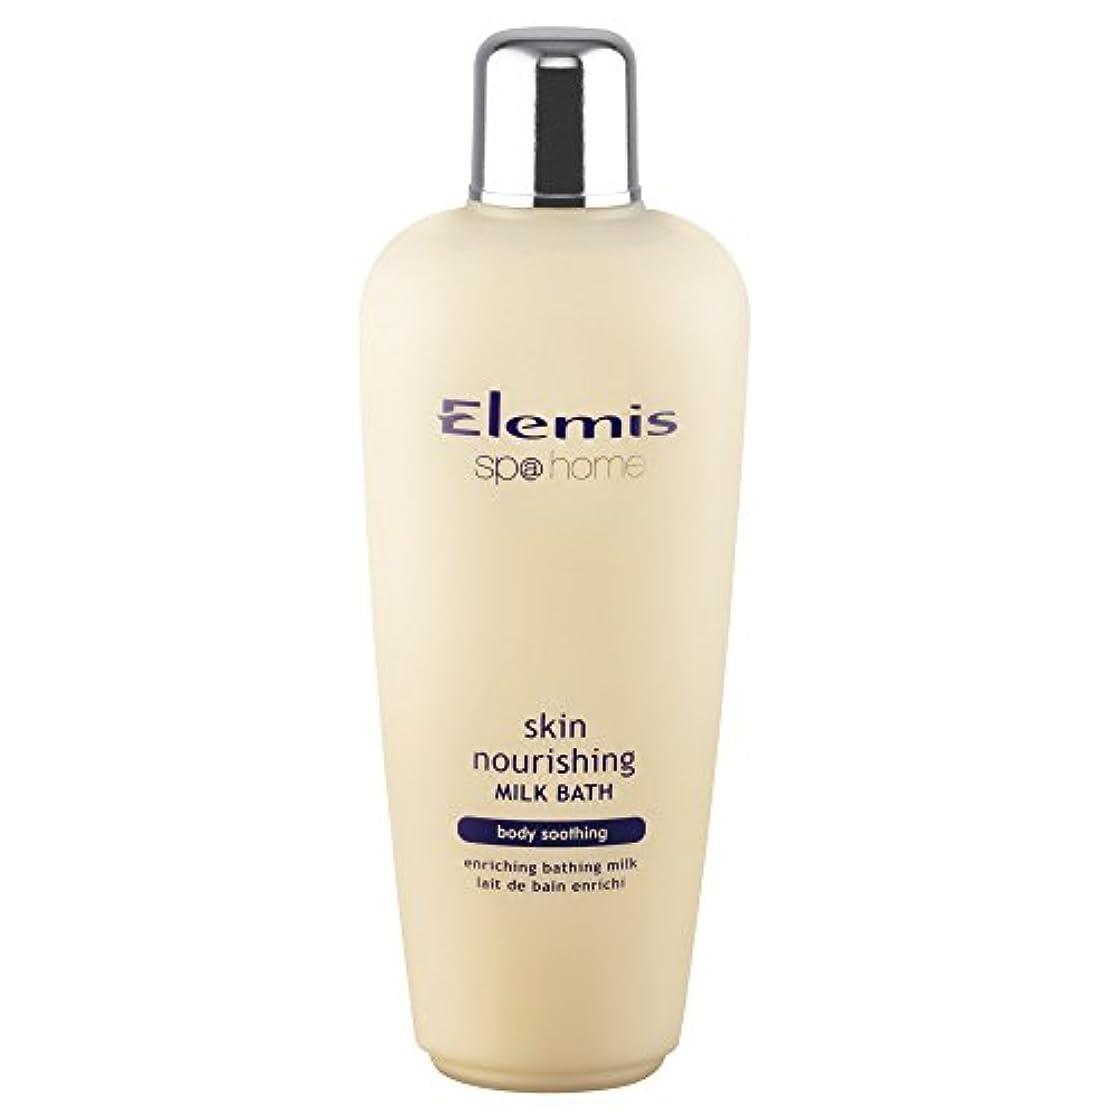 適応的香りピンエレミススキン栄養ミルクバスの400ミリリットル (Elemis) (x6) - Elemis Skin Nourishing Milk Bath 400ml (Pack of 6) [並行輸入品]